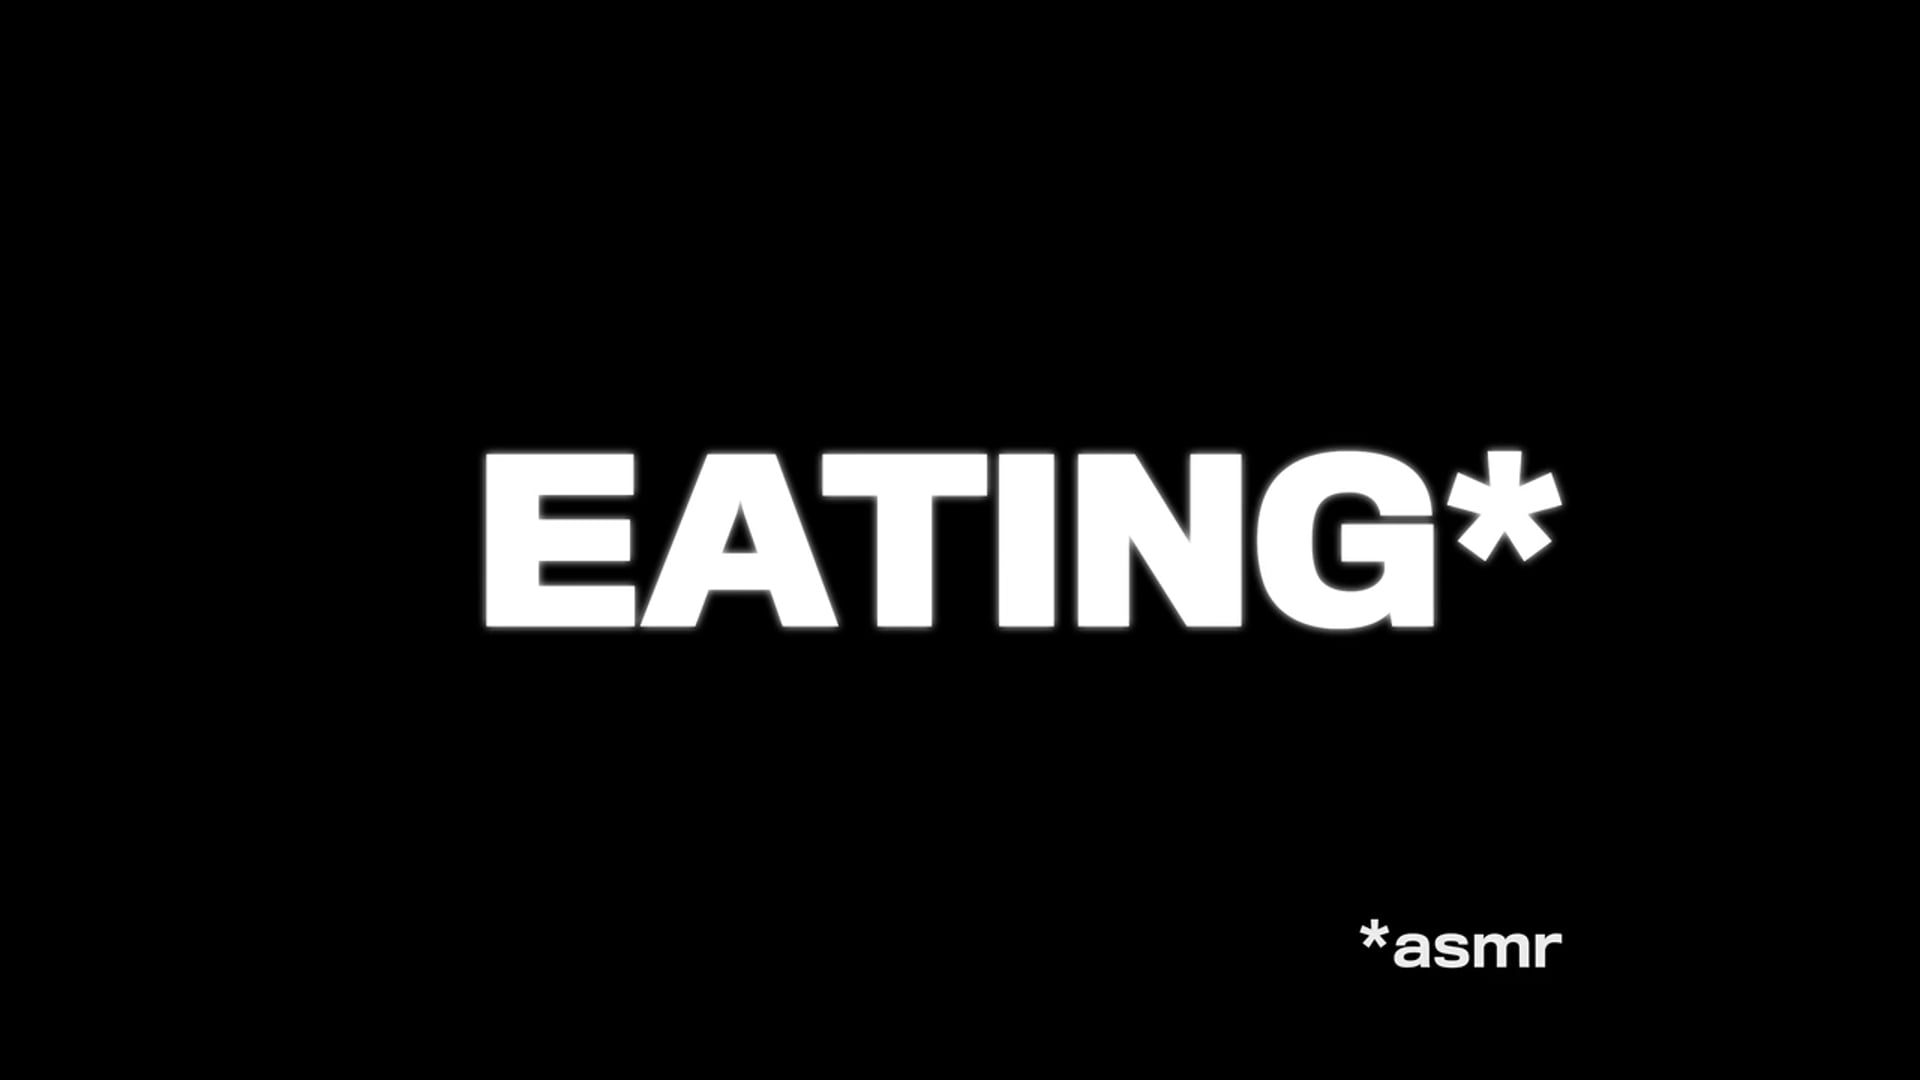 EATING* (*asmr) NO SUBTITLES